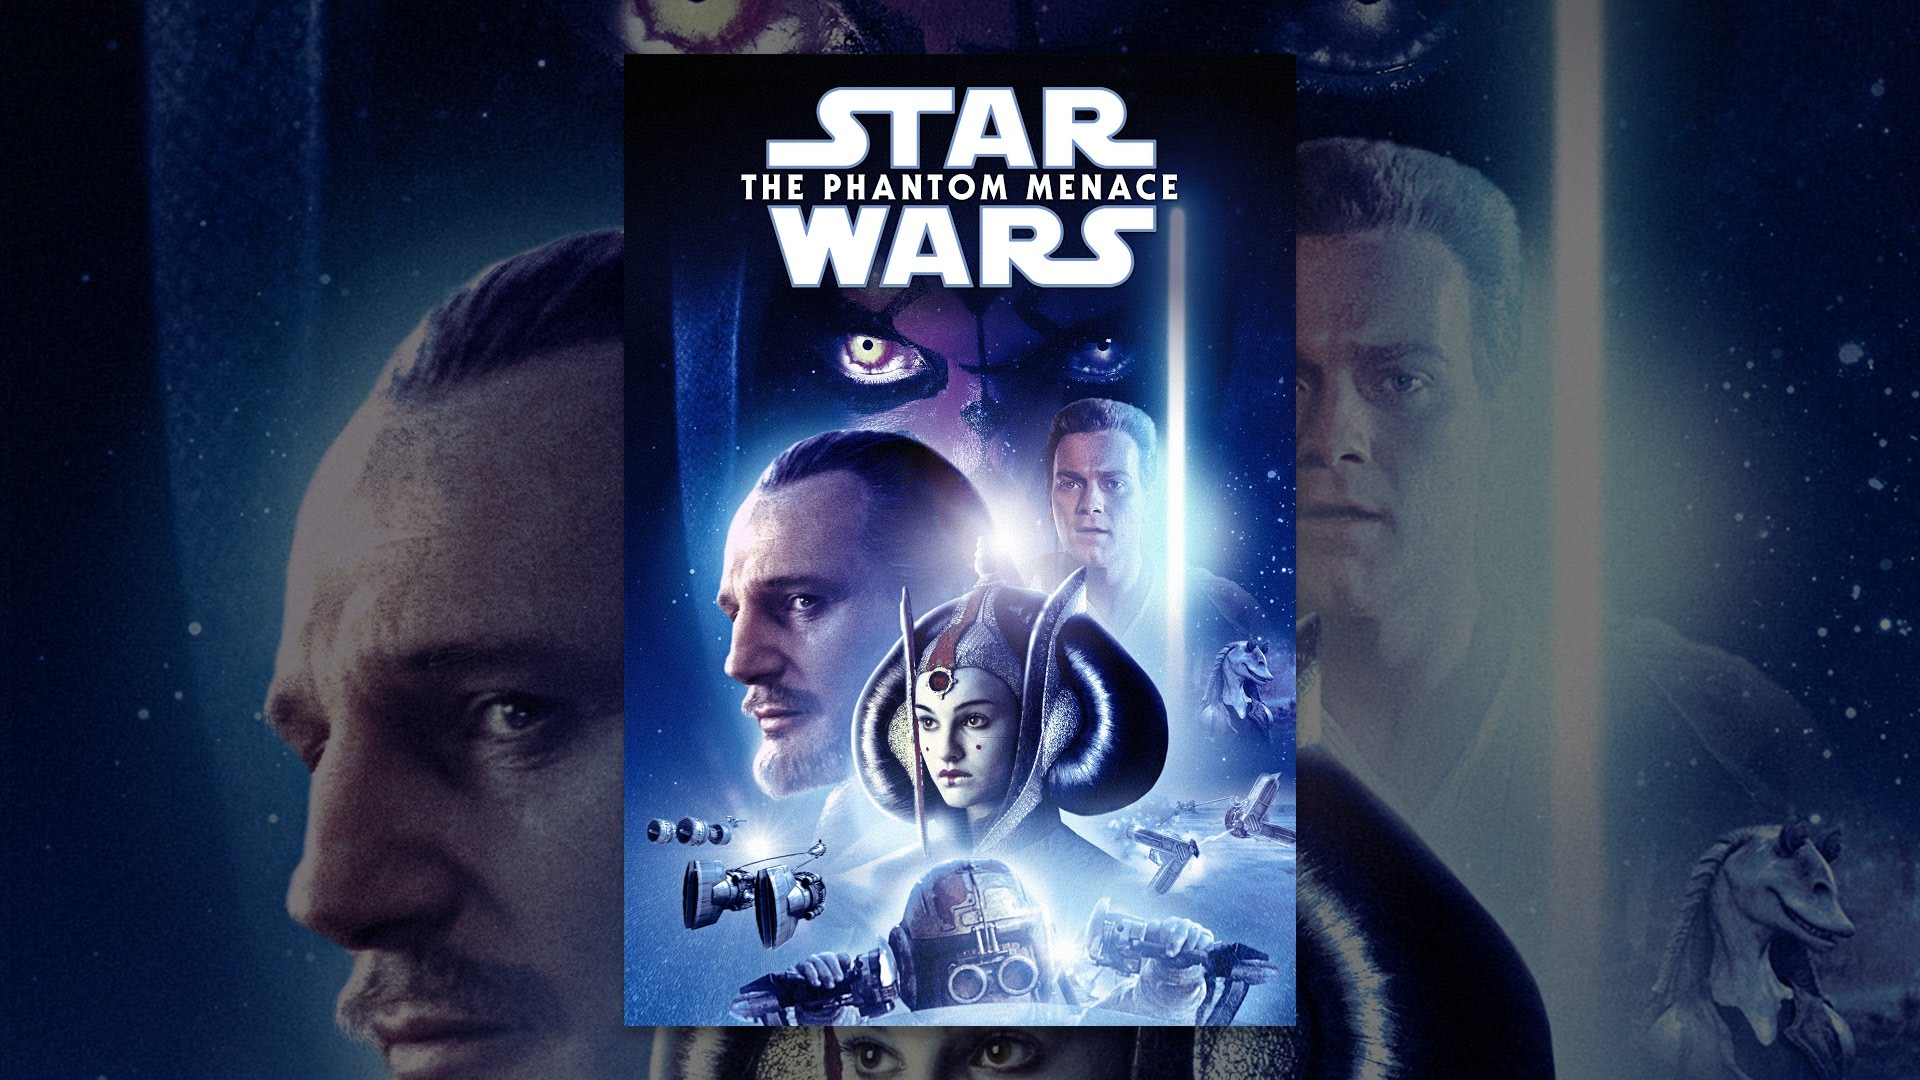 Star Wars Episode 1: The Phantom Menace Commentary Podcast ... |Star Wars Phantom Menace Youtube